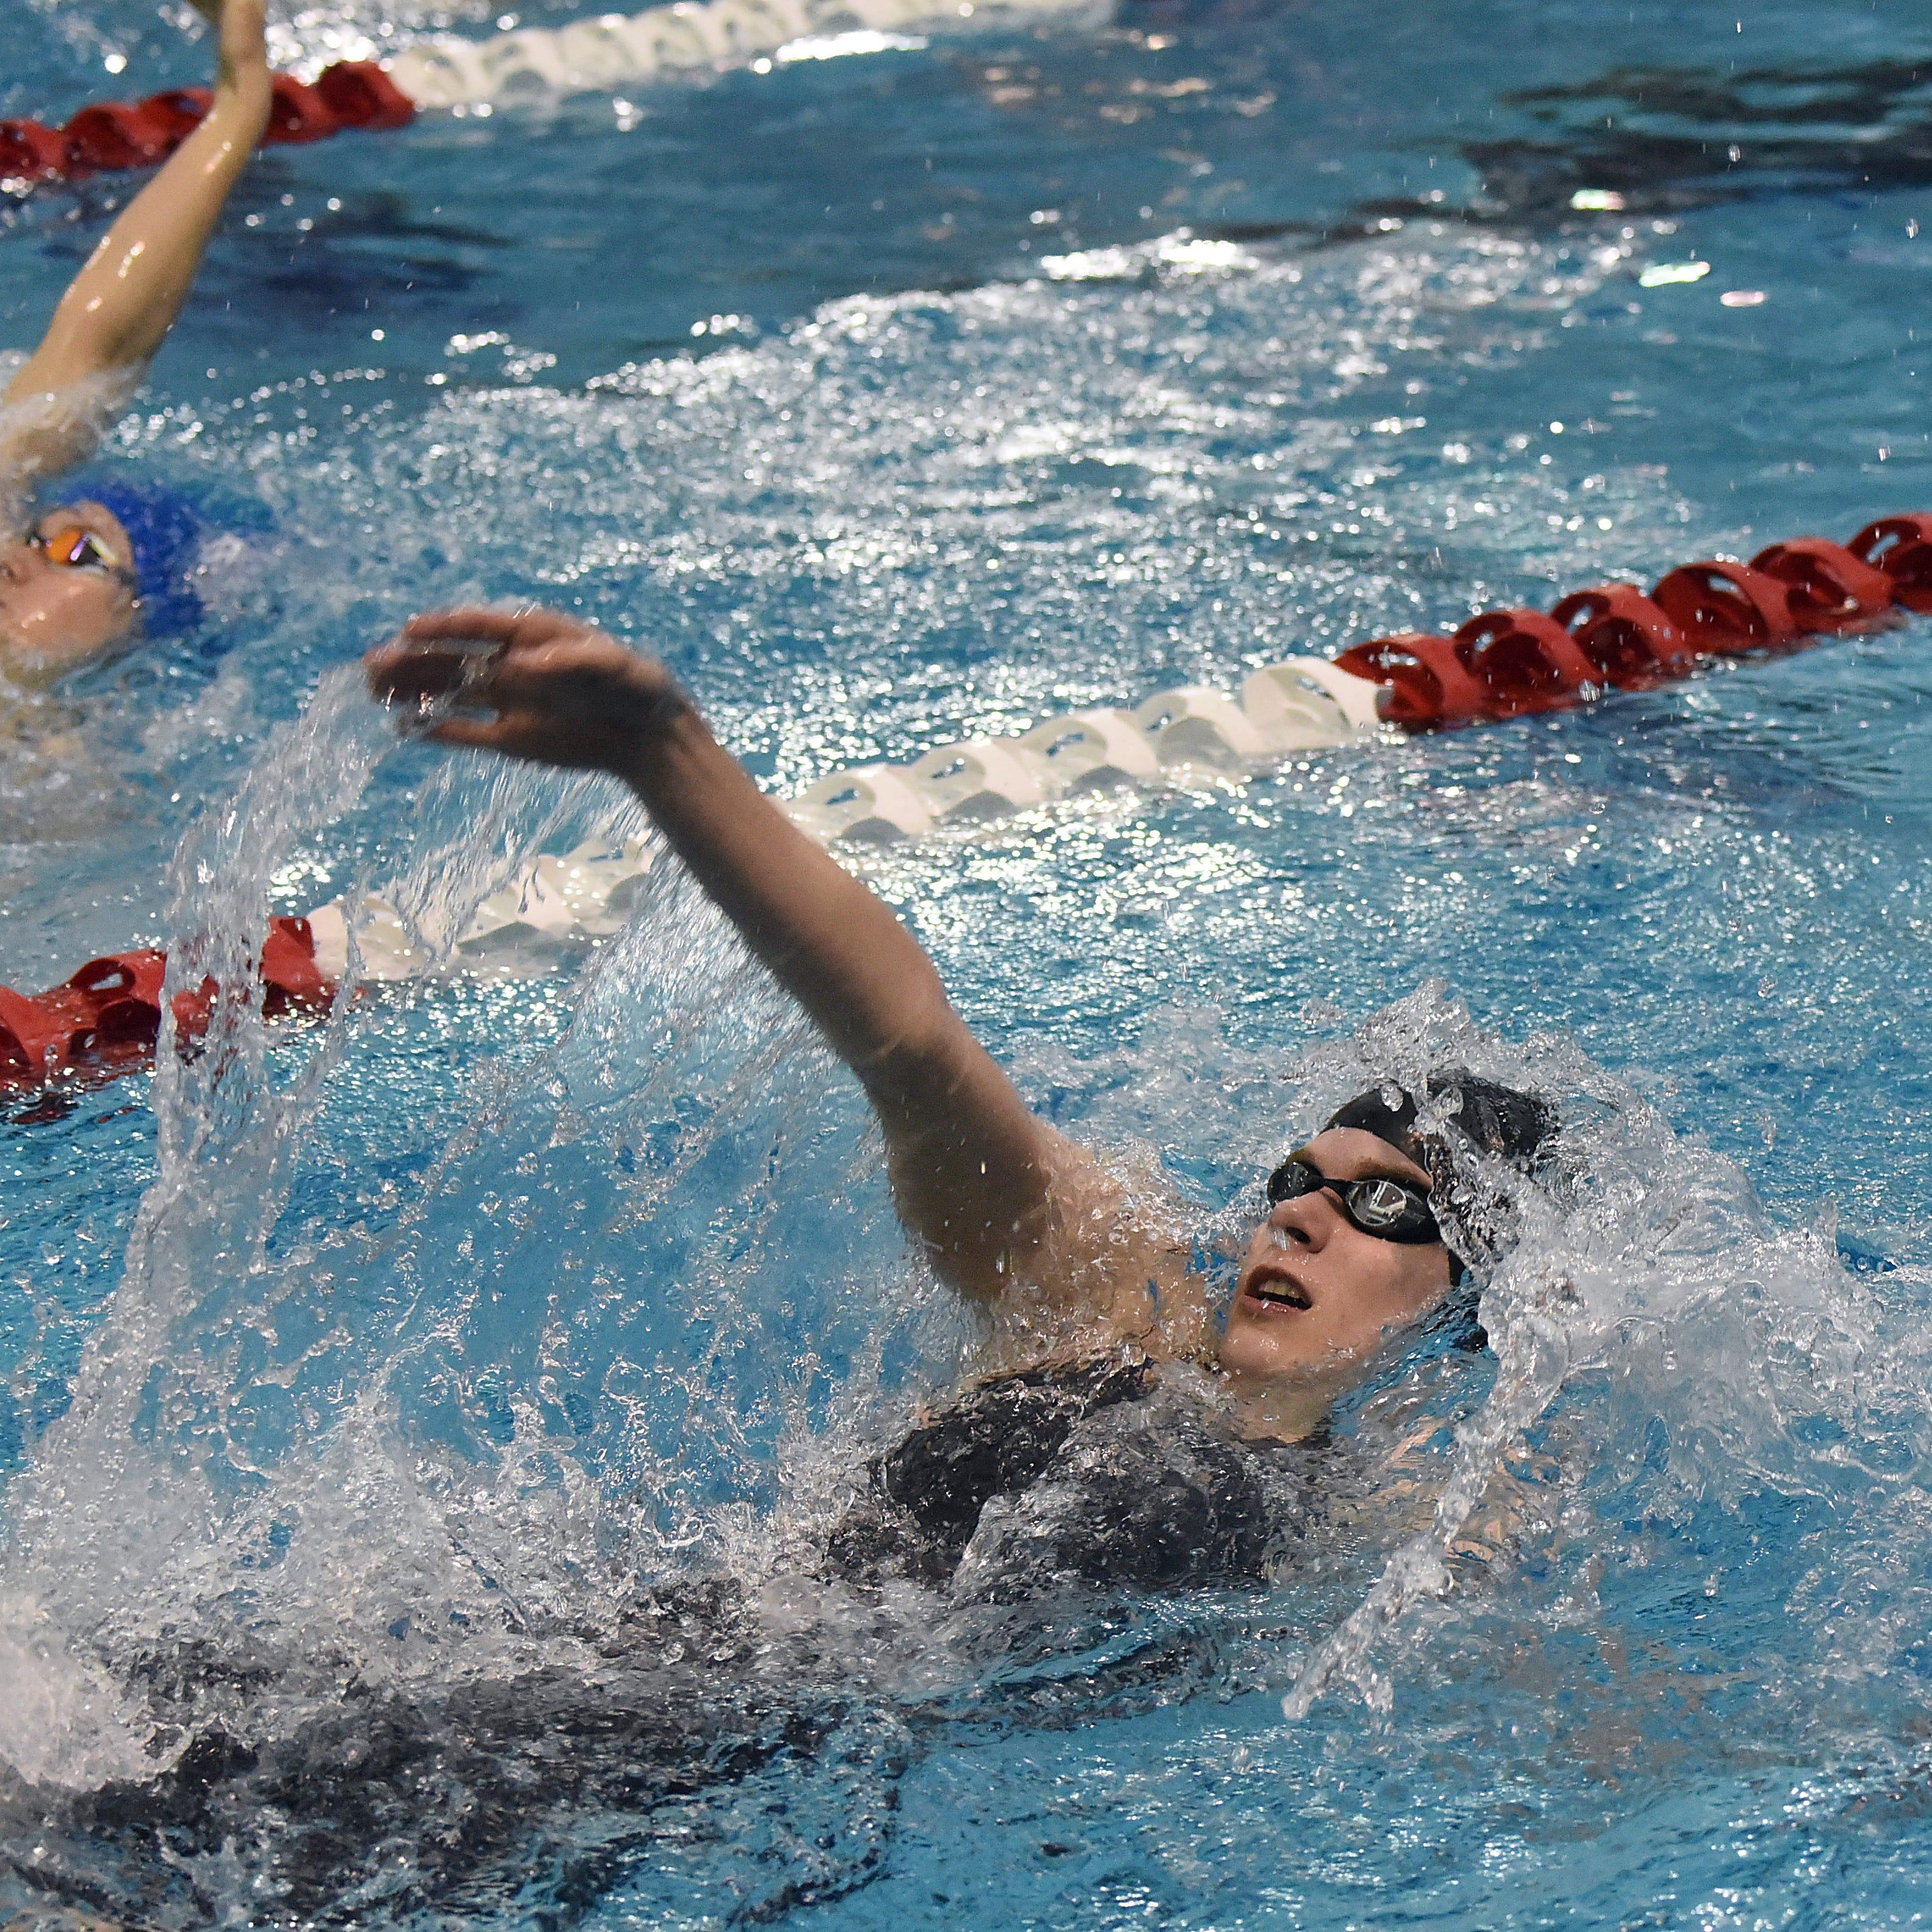 Northridge's Bunstine, Granville's White persevere, swim to state